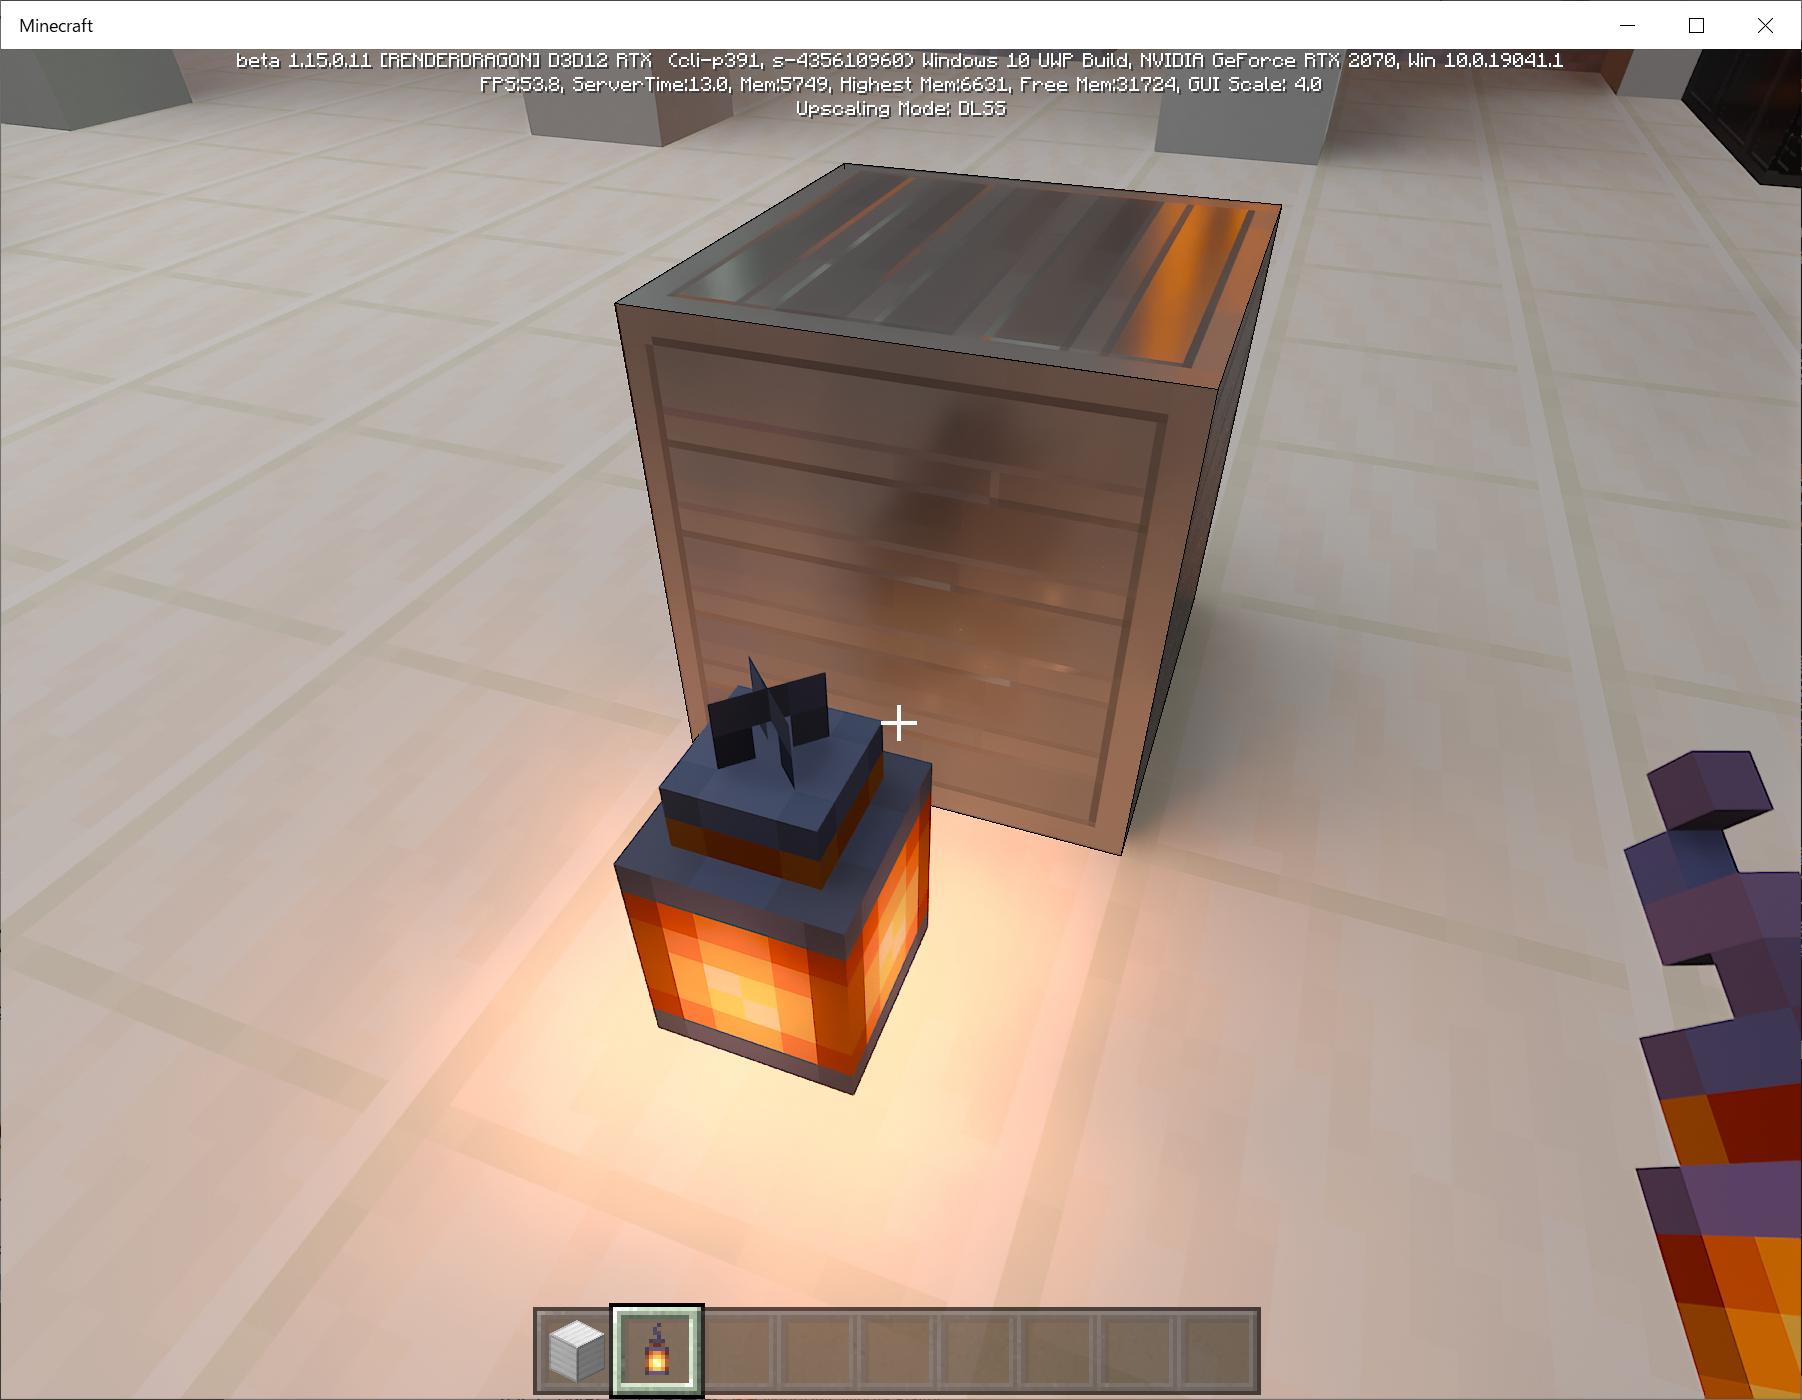 左がレイトレーシング無効の鉄ブロック。単なる灰色に見える。レイトレーシングを有効(右)になると反射は映り込みがあるリアルな鉄のブロックになる